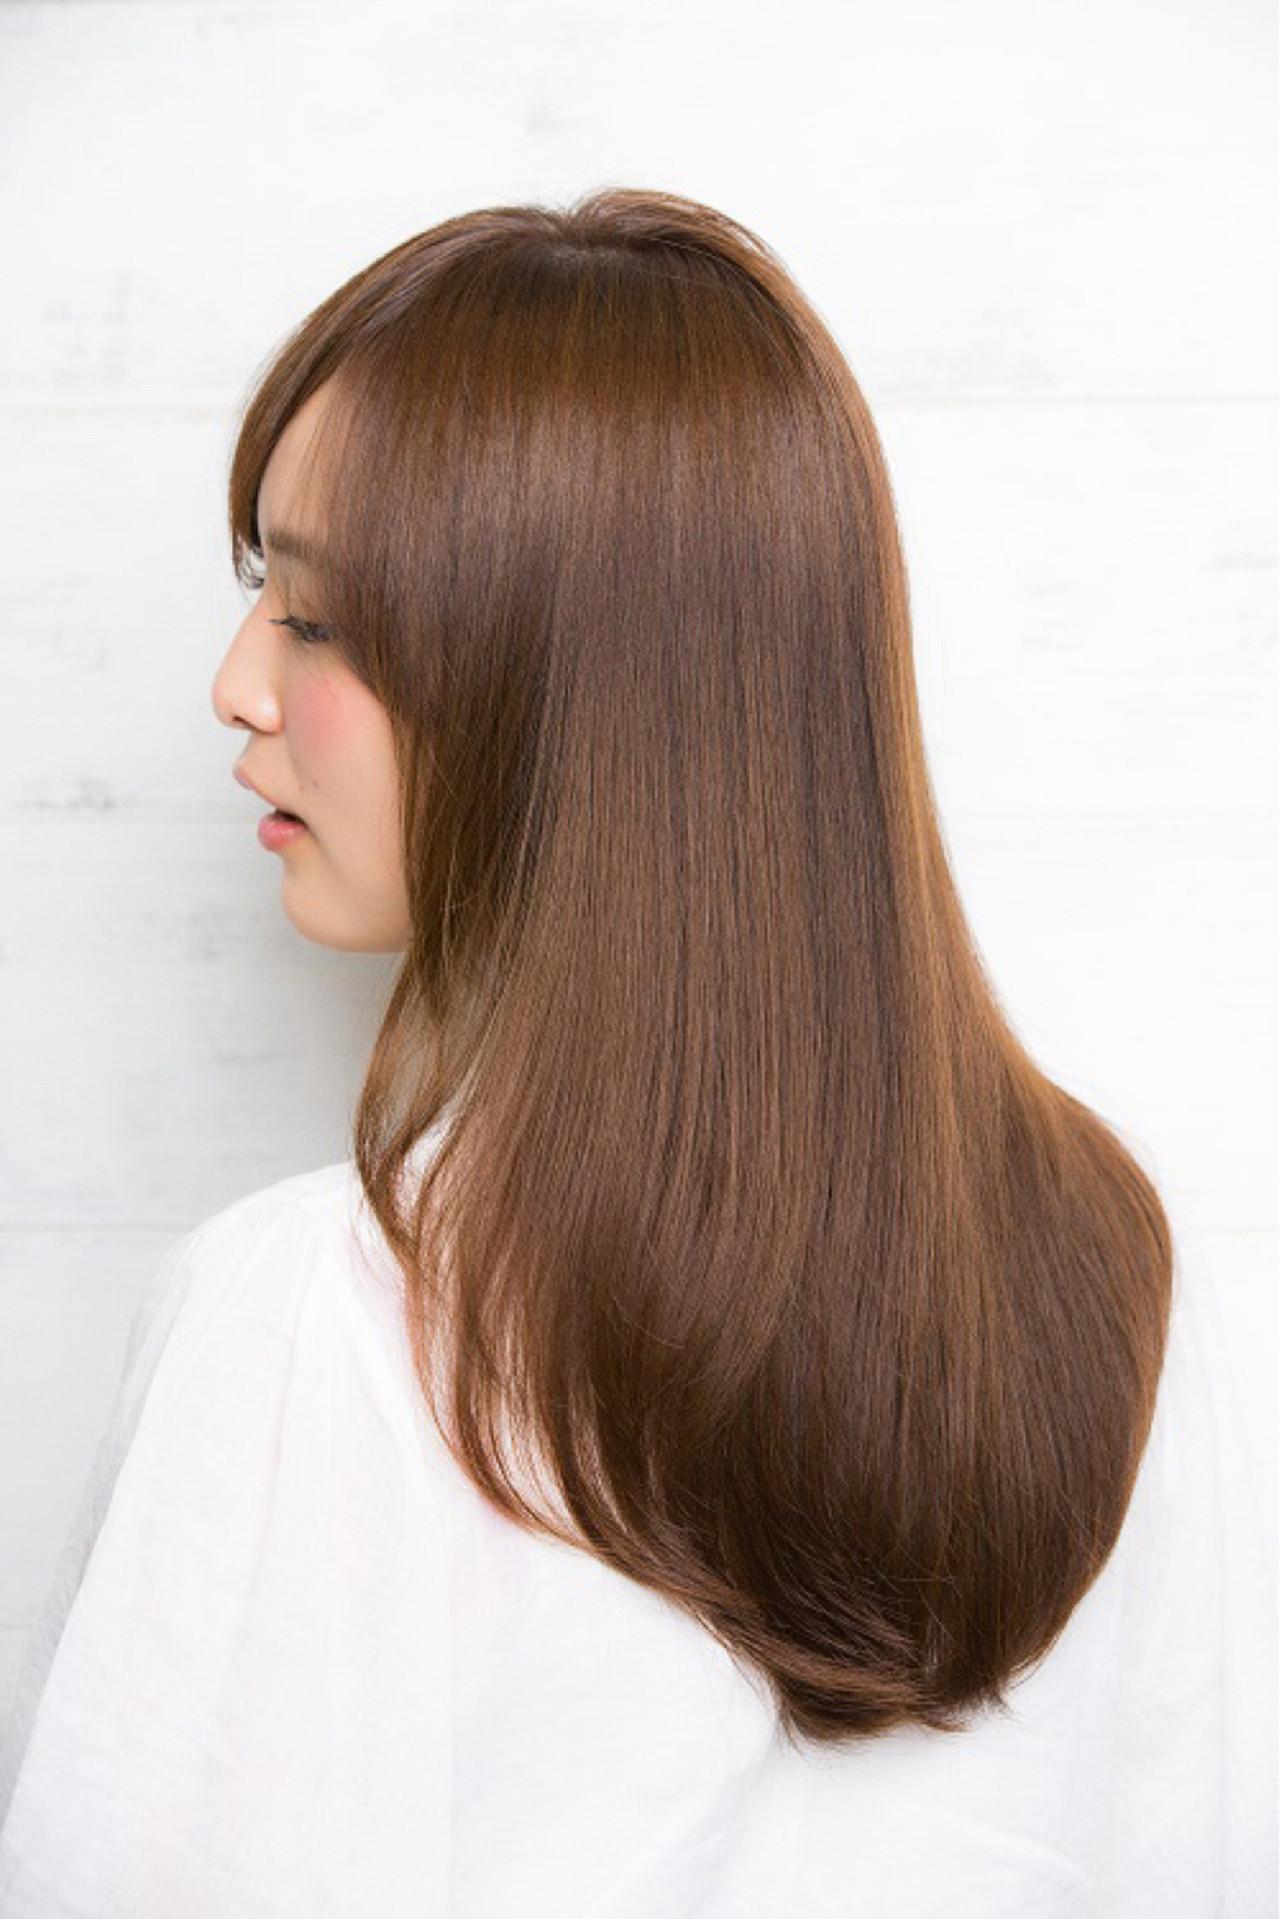 縮毛矯正とカラーは一緒にできるの?もっと詳しく知りたいヘアケア事情 眞鳥康史/joemi by Un ami